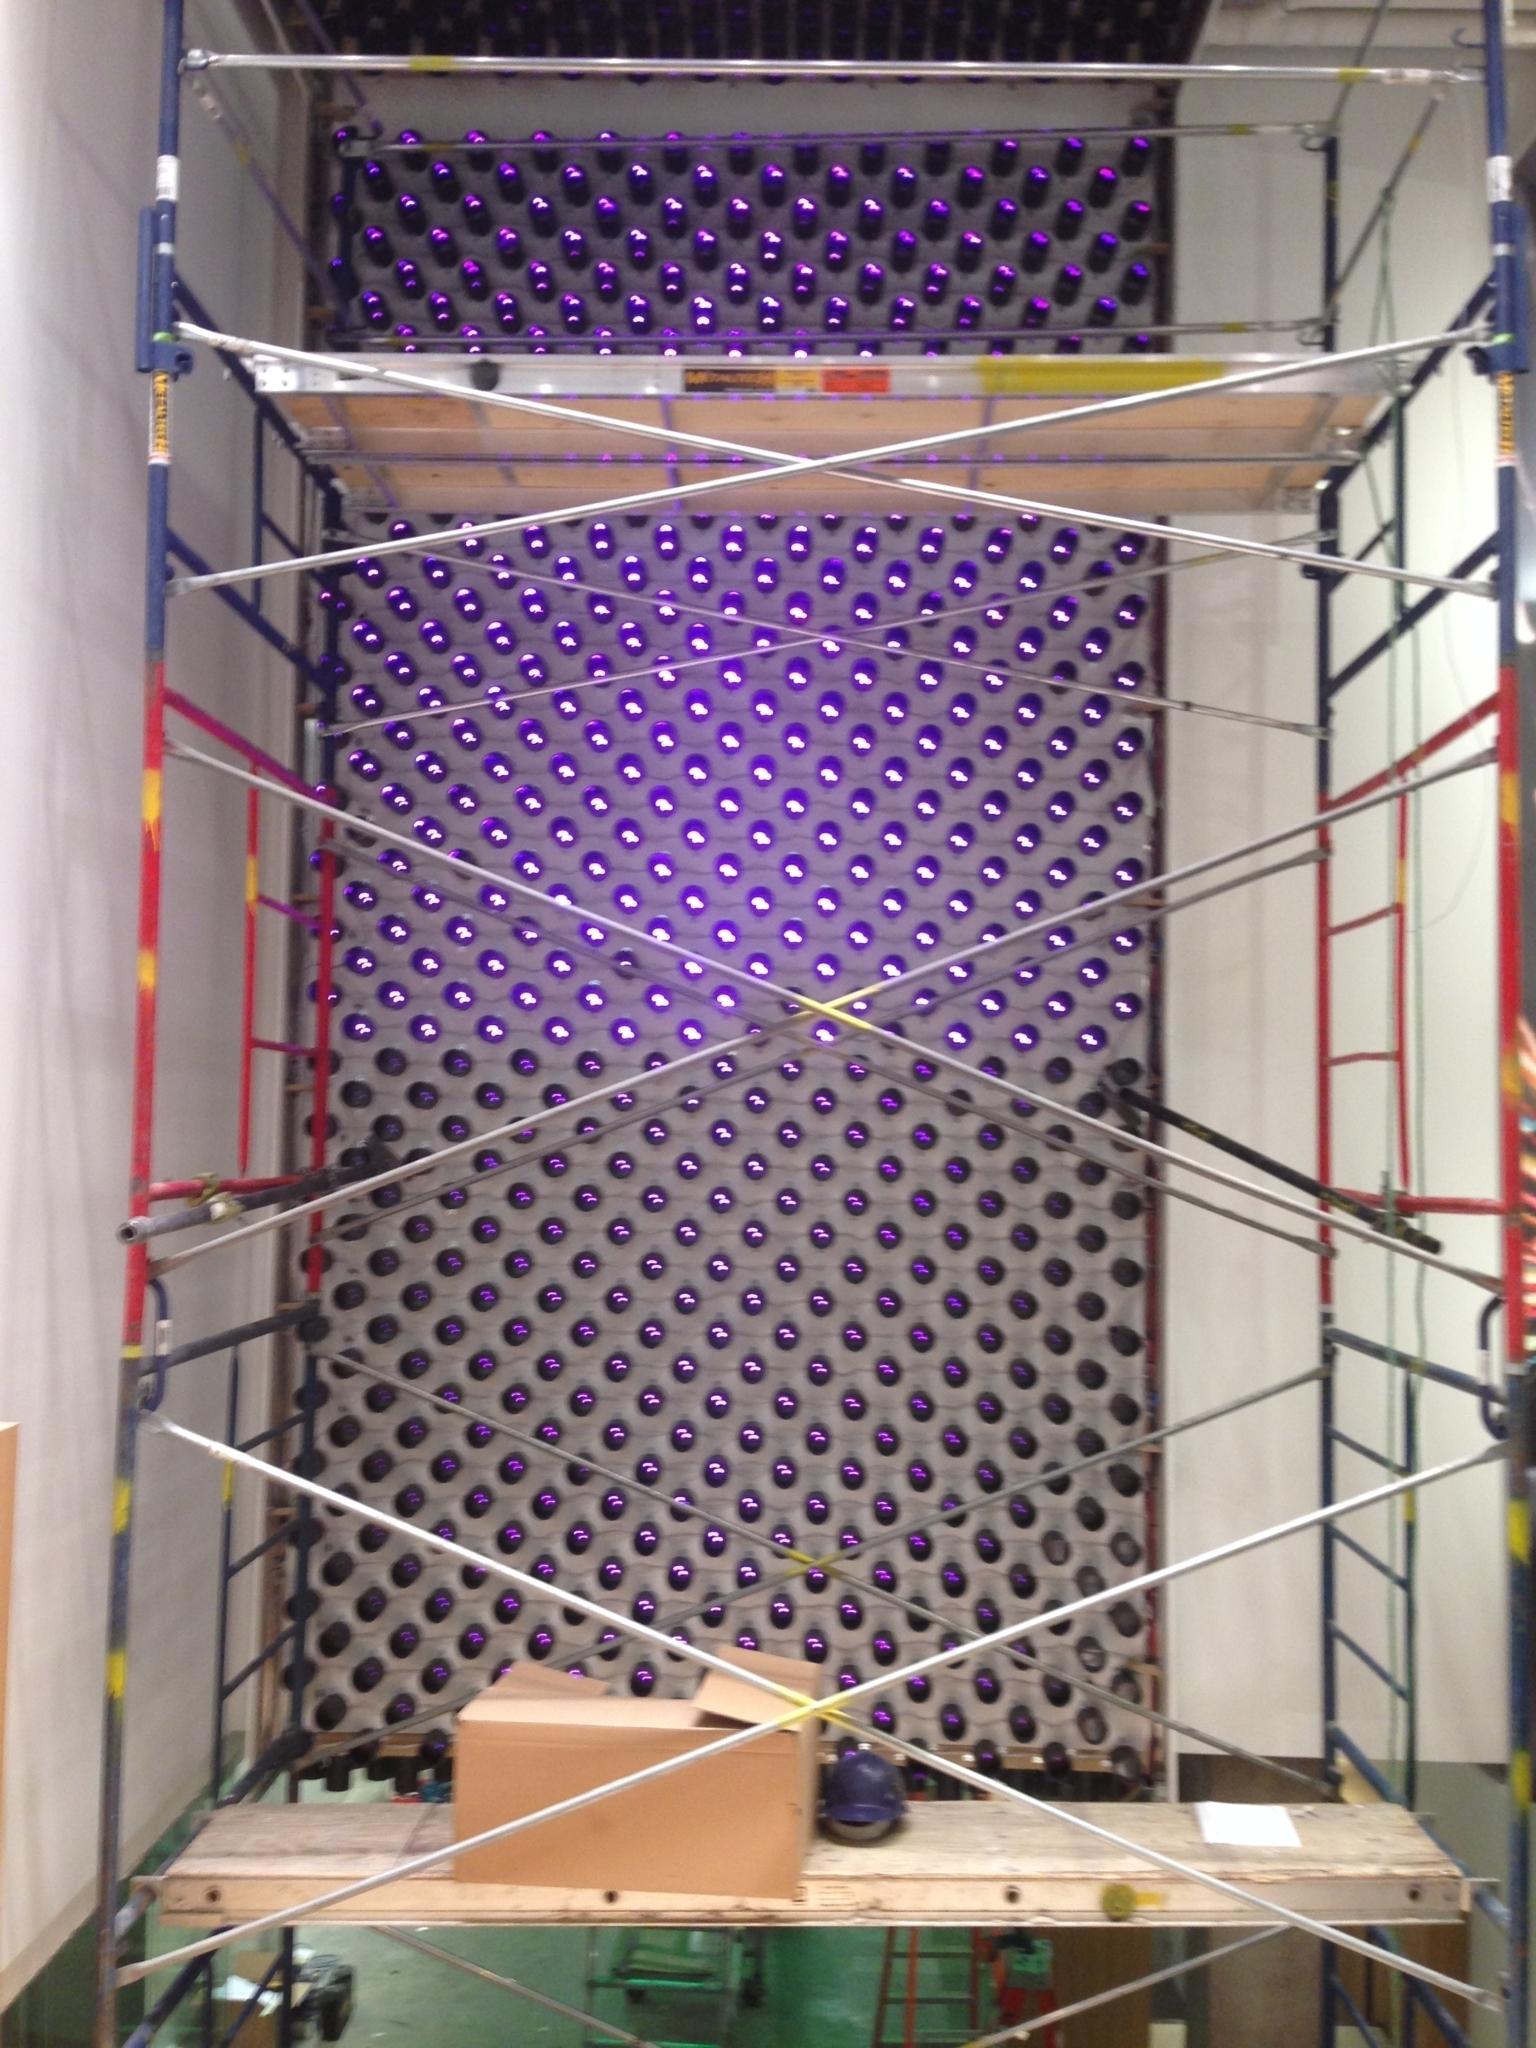 E-lite inc à Montréal: Installation d'un projet architectural en DEL Pixel. Réparti sur deux étages pour une longeur de 60 pieds nous avons soigneusement placé 2063 Del avec leurs accessoires le tout recouvert d'un toile tendue translucide. Pour effet unique.Projet Artopex